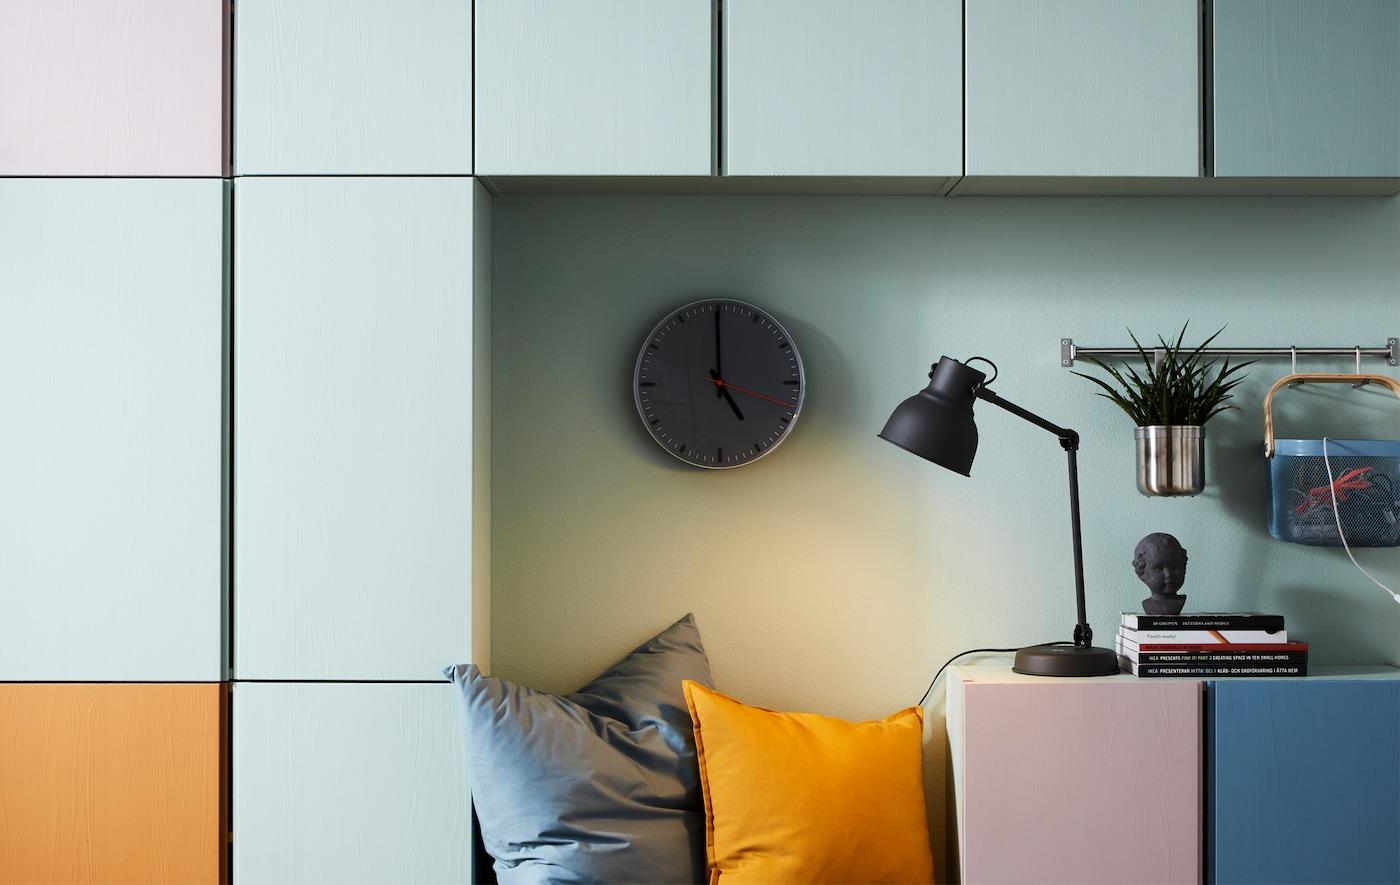 Un mobile IVAR verniciato con colori diversi per un'organizzazione funzionale e divertente - IKEA